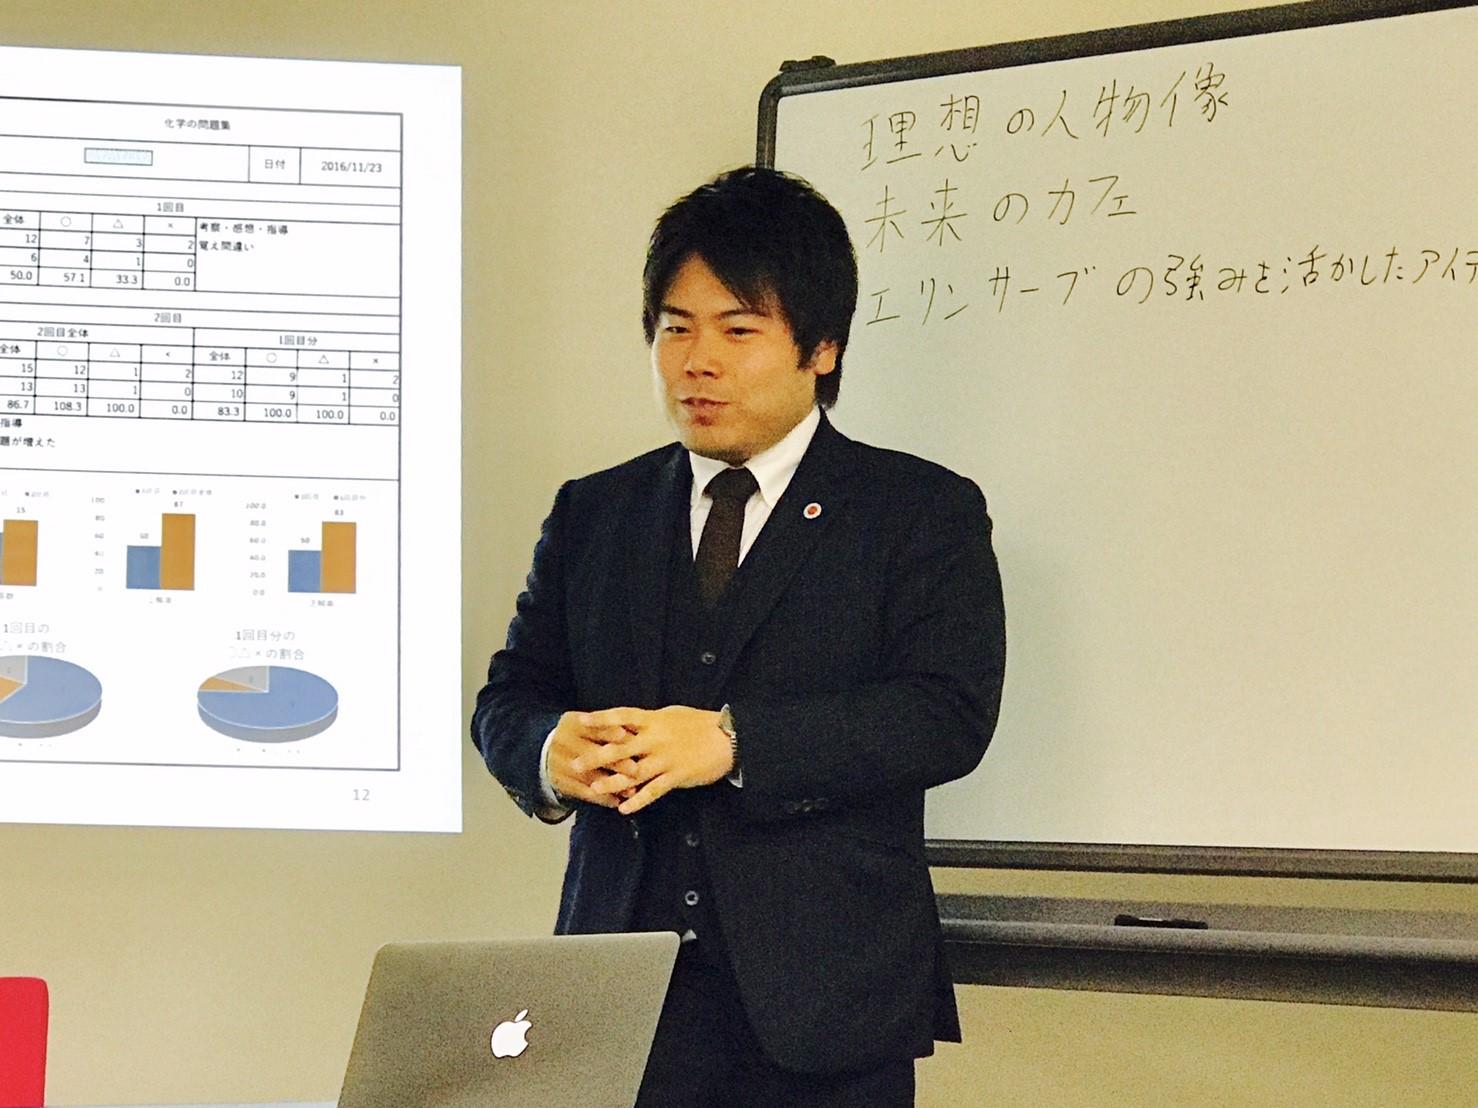 レンタルオフィス エリンサーブ神戸 ビジネス創造交流会 ゼロイチ発想法でコラボレーション!